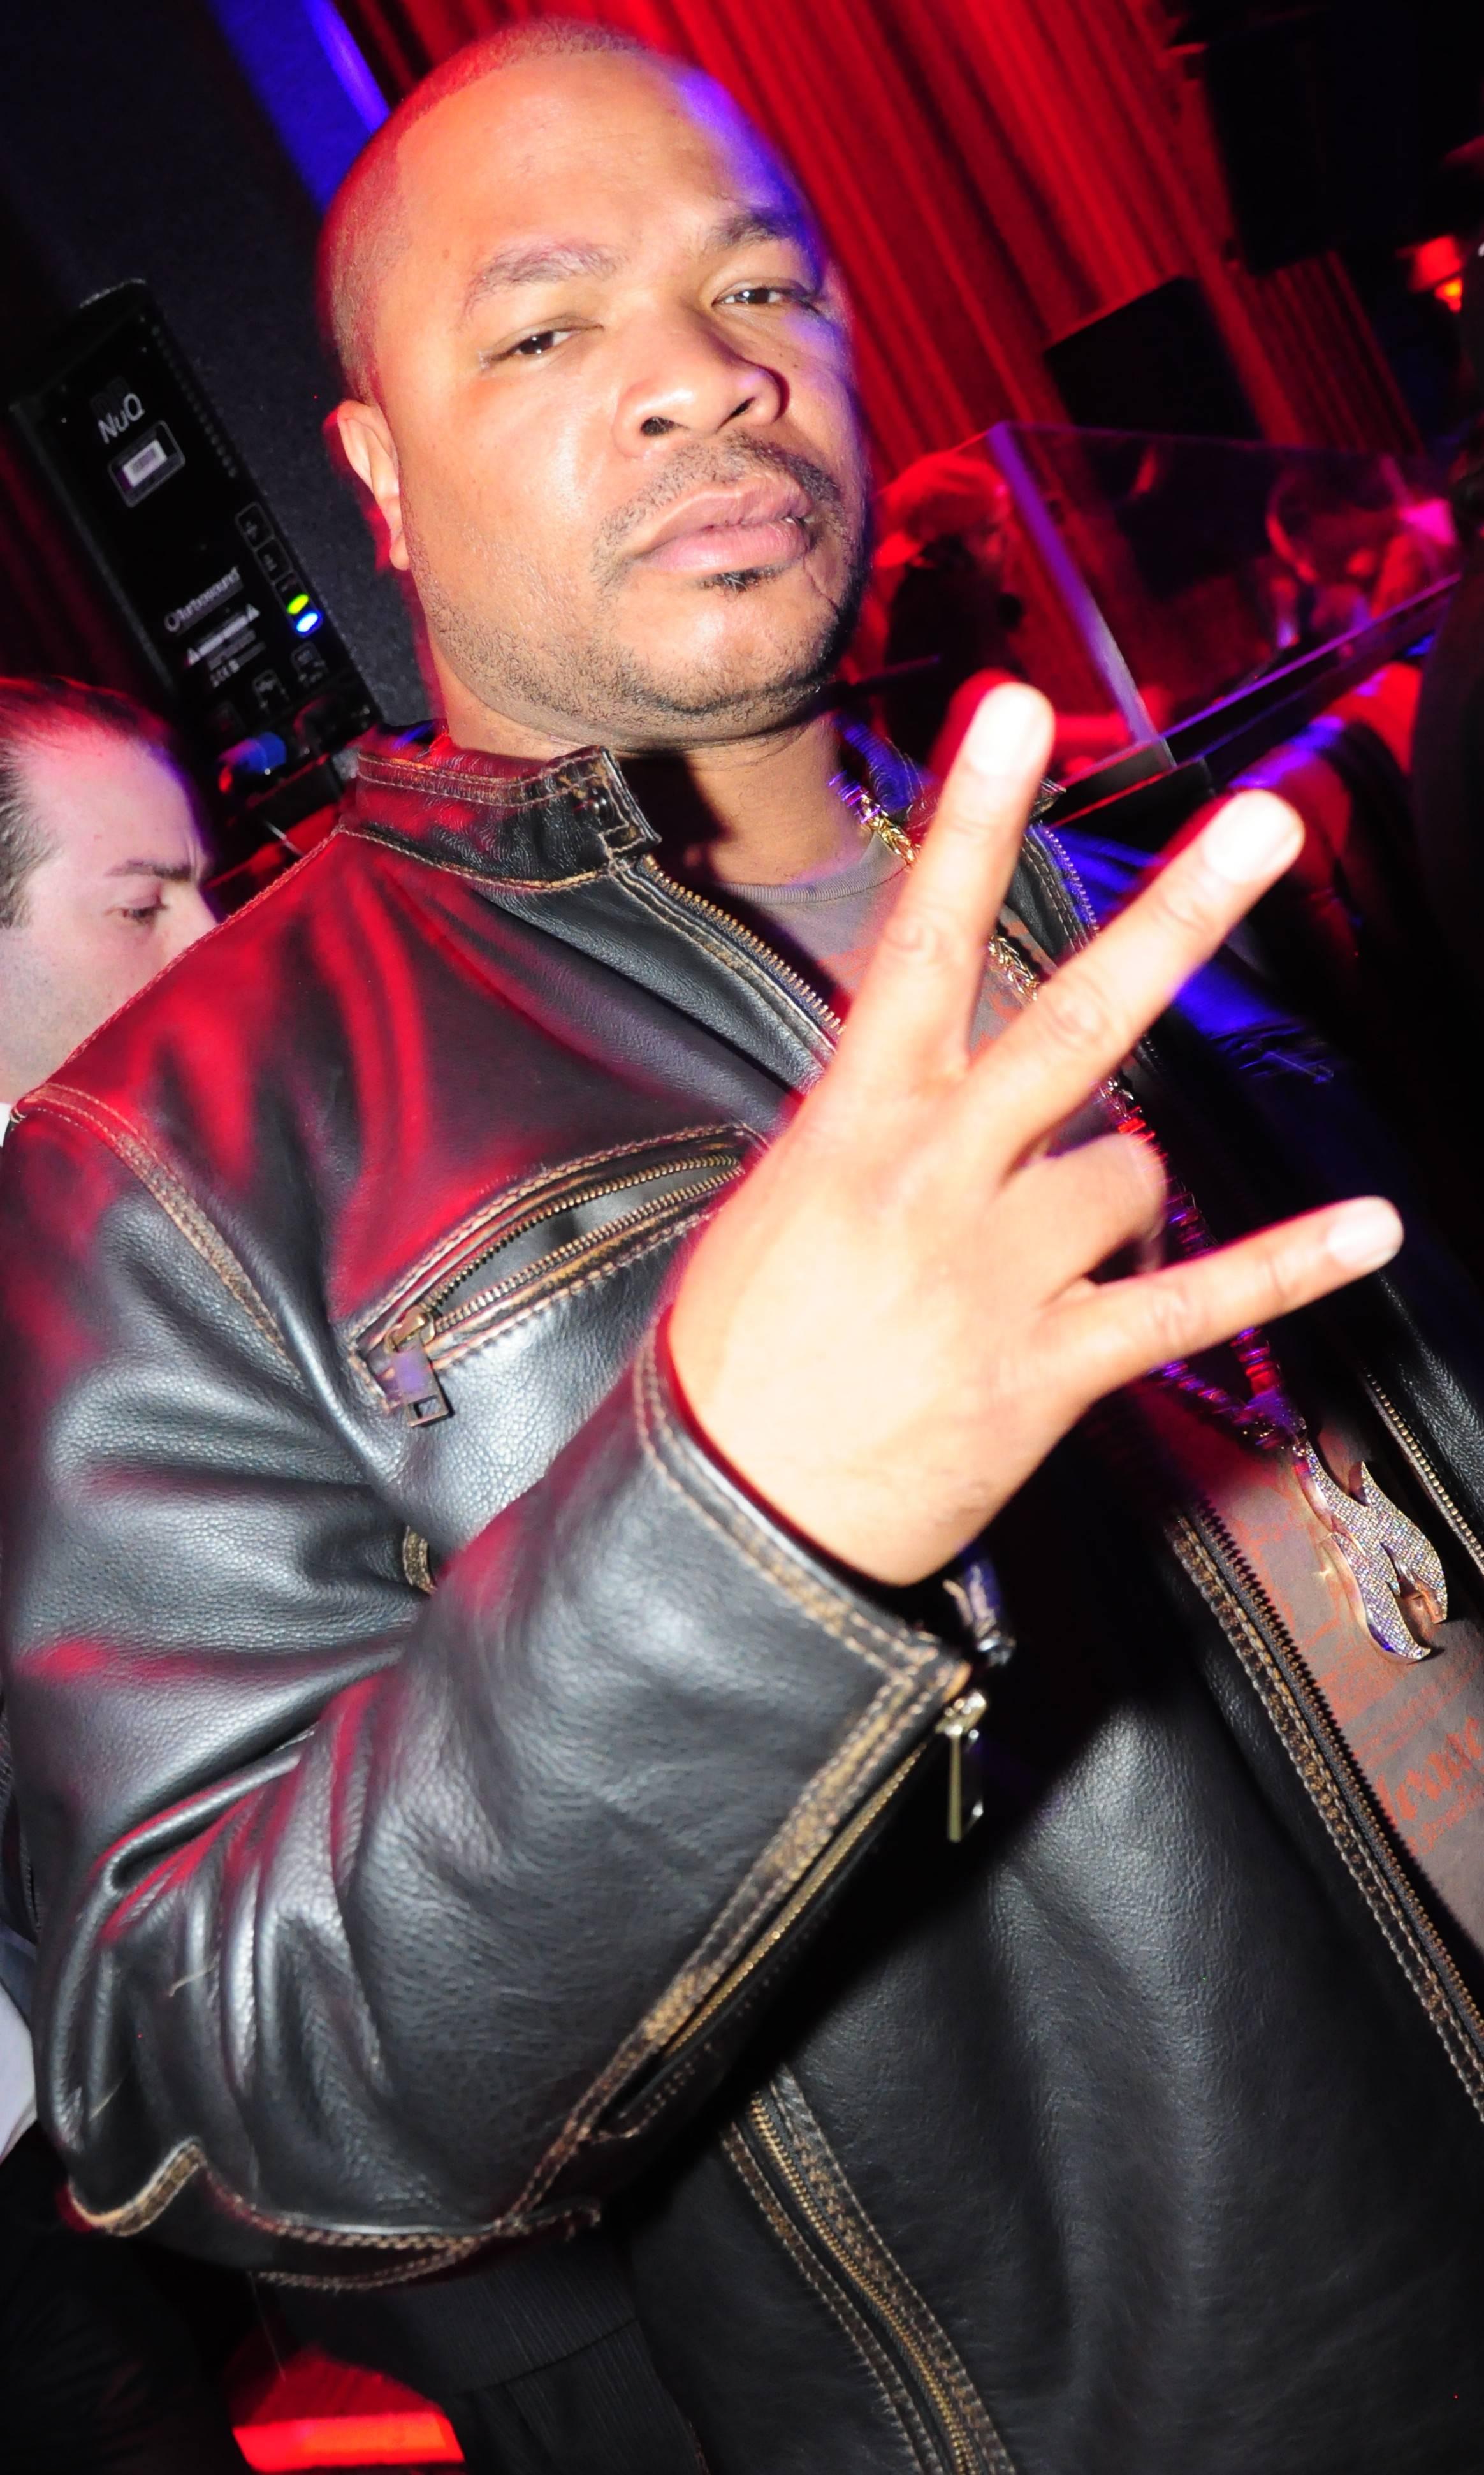 Xzibit_1_LAX Nightclub_Toby Acuna_SpyOnVegas